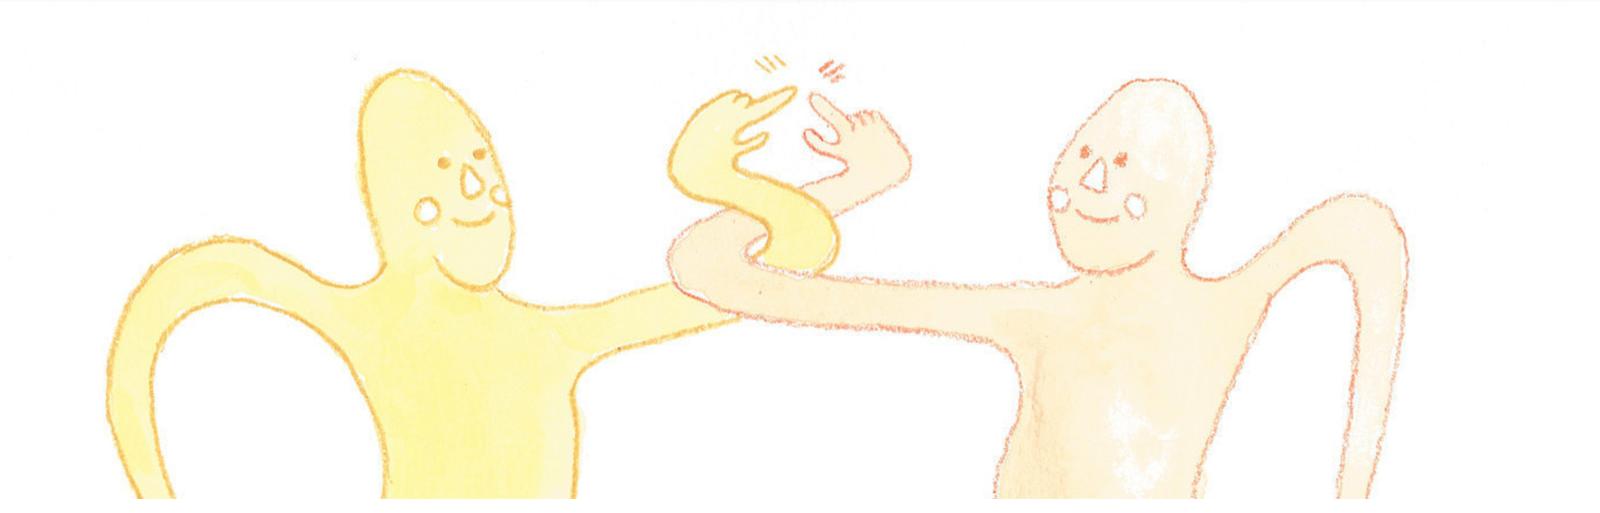 a virtual hug